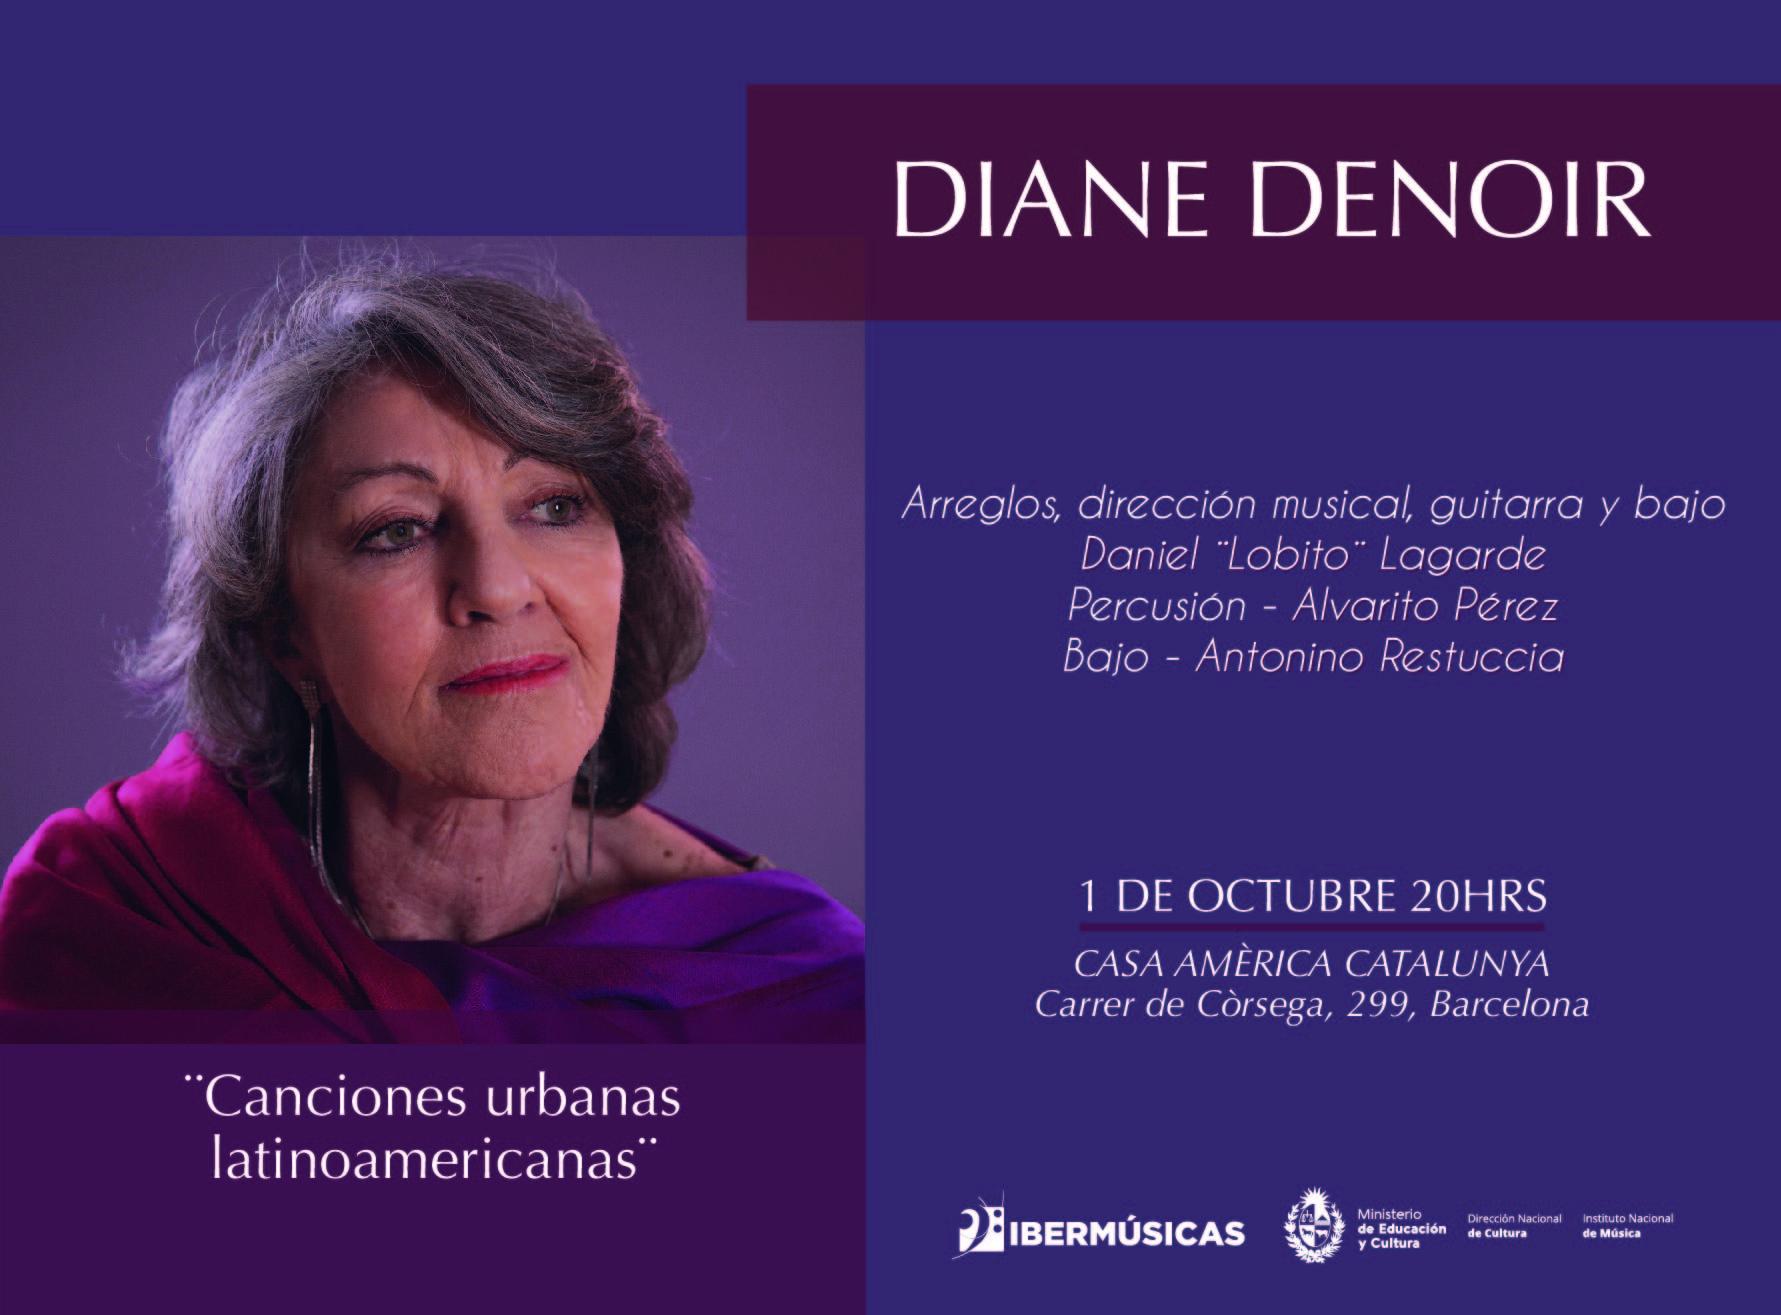 La cantante uruguaya Diane Denoir se presentará en la Casa Amèrica Catalunya, España